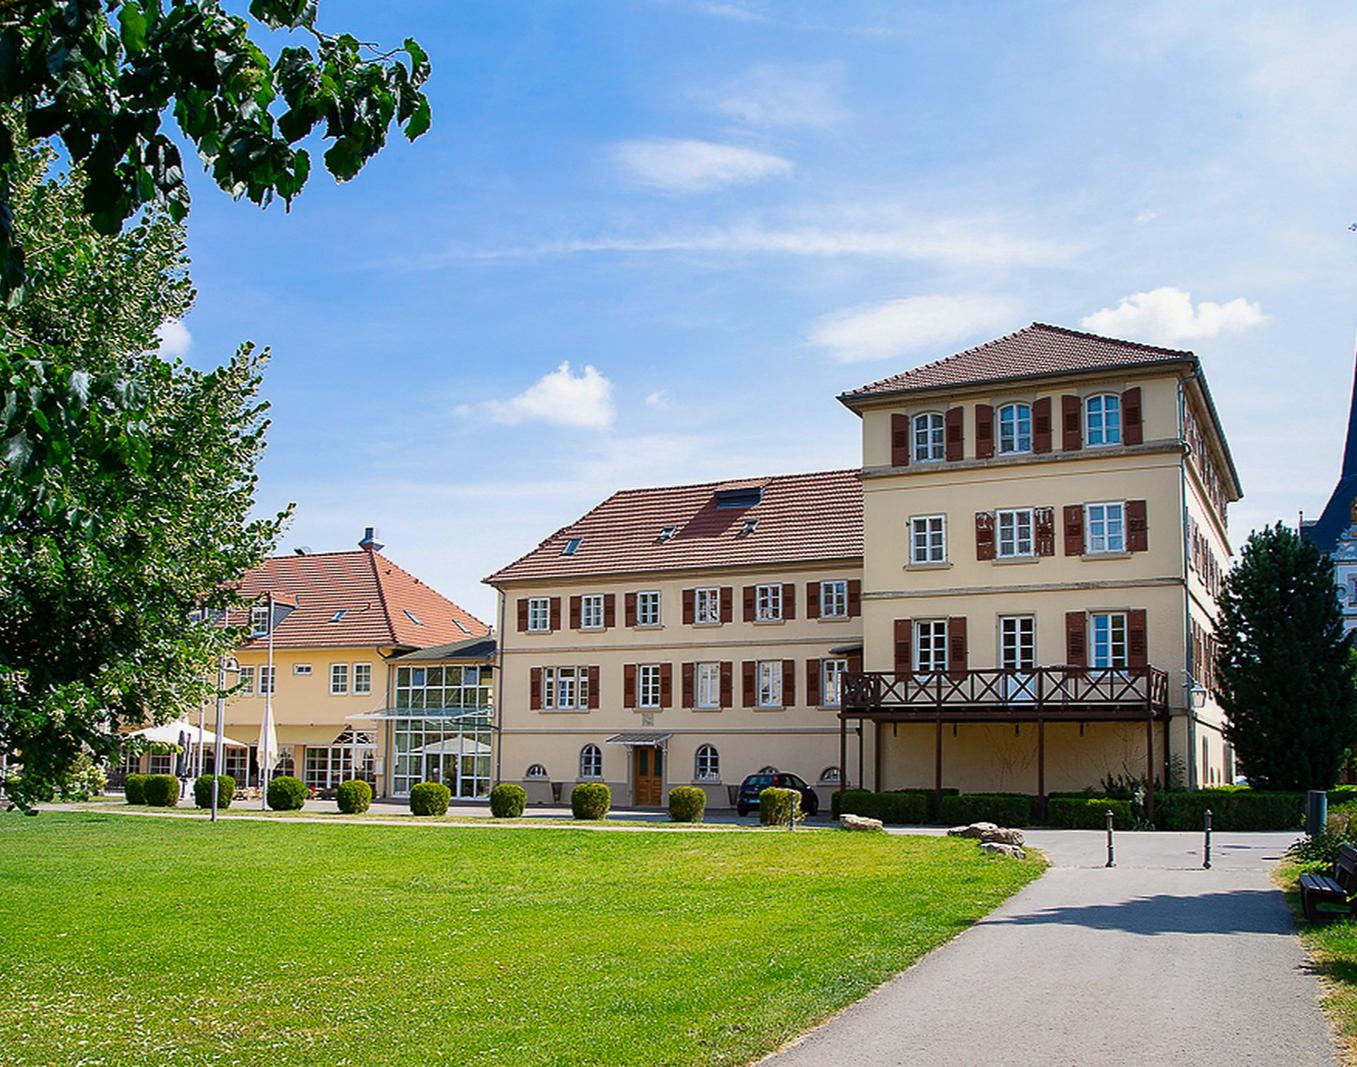 Schlosshotel in Neckarbischofsheim Schlosshotel Neckarbischofsheim - 3-Gänge-Menü